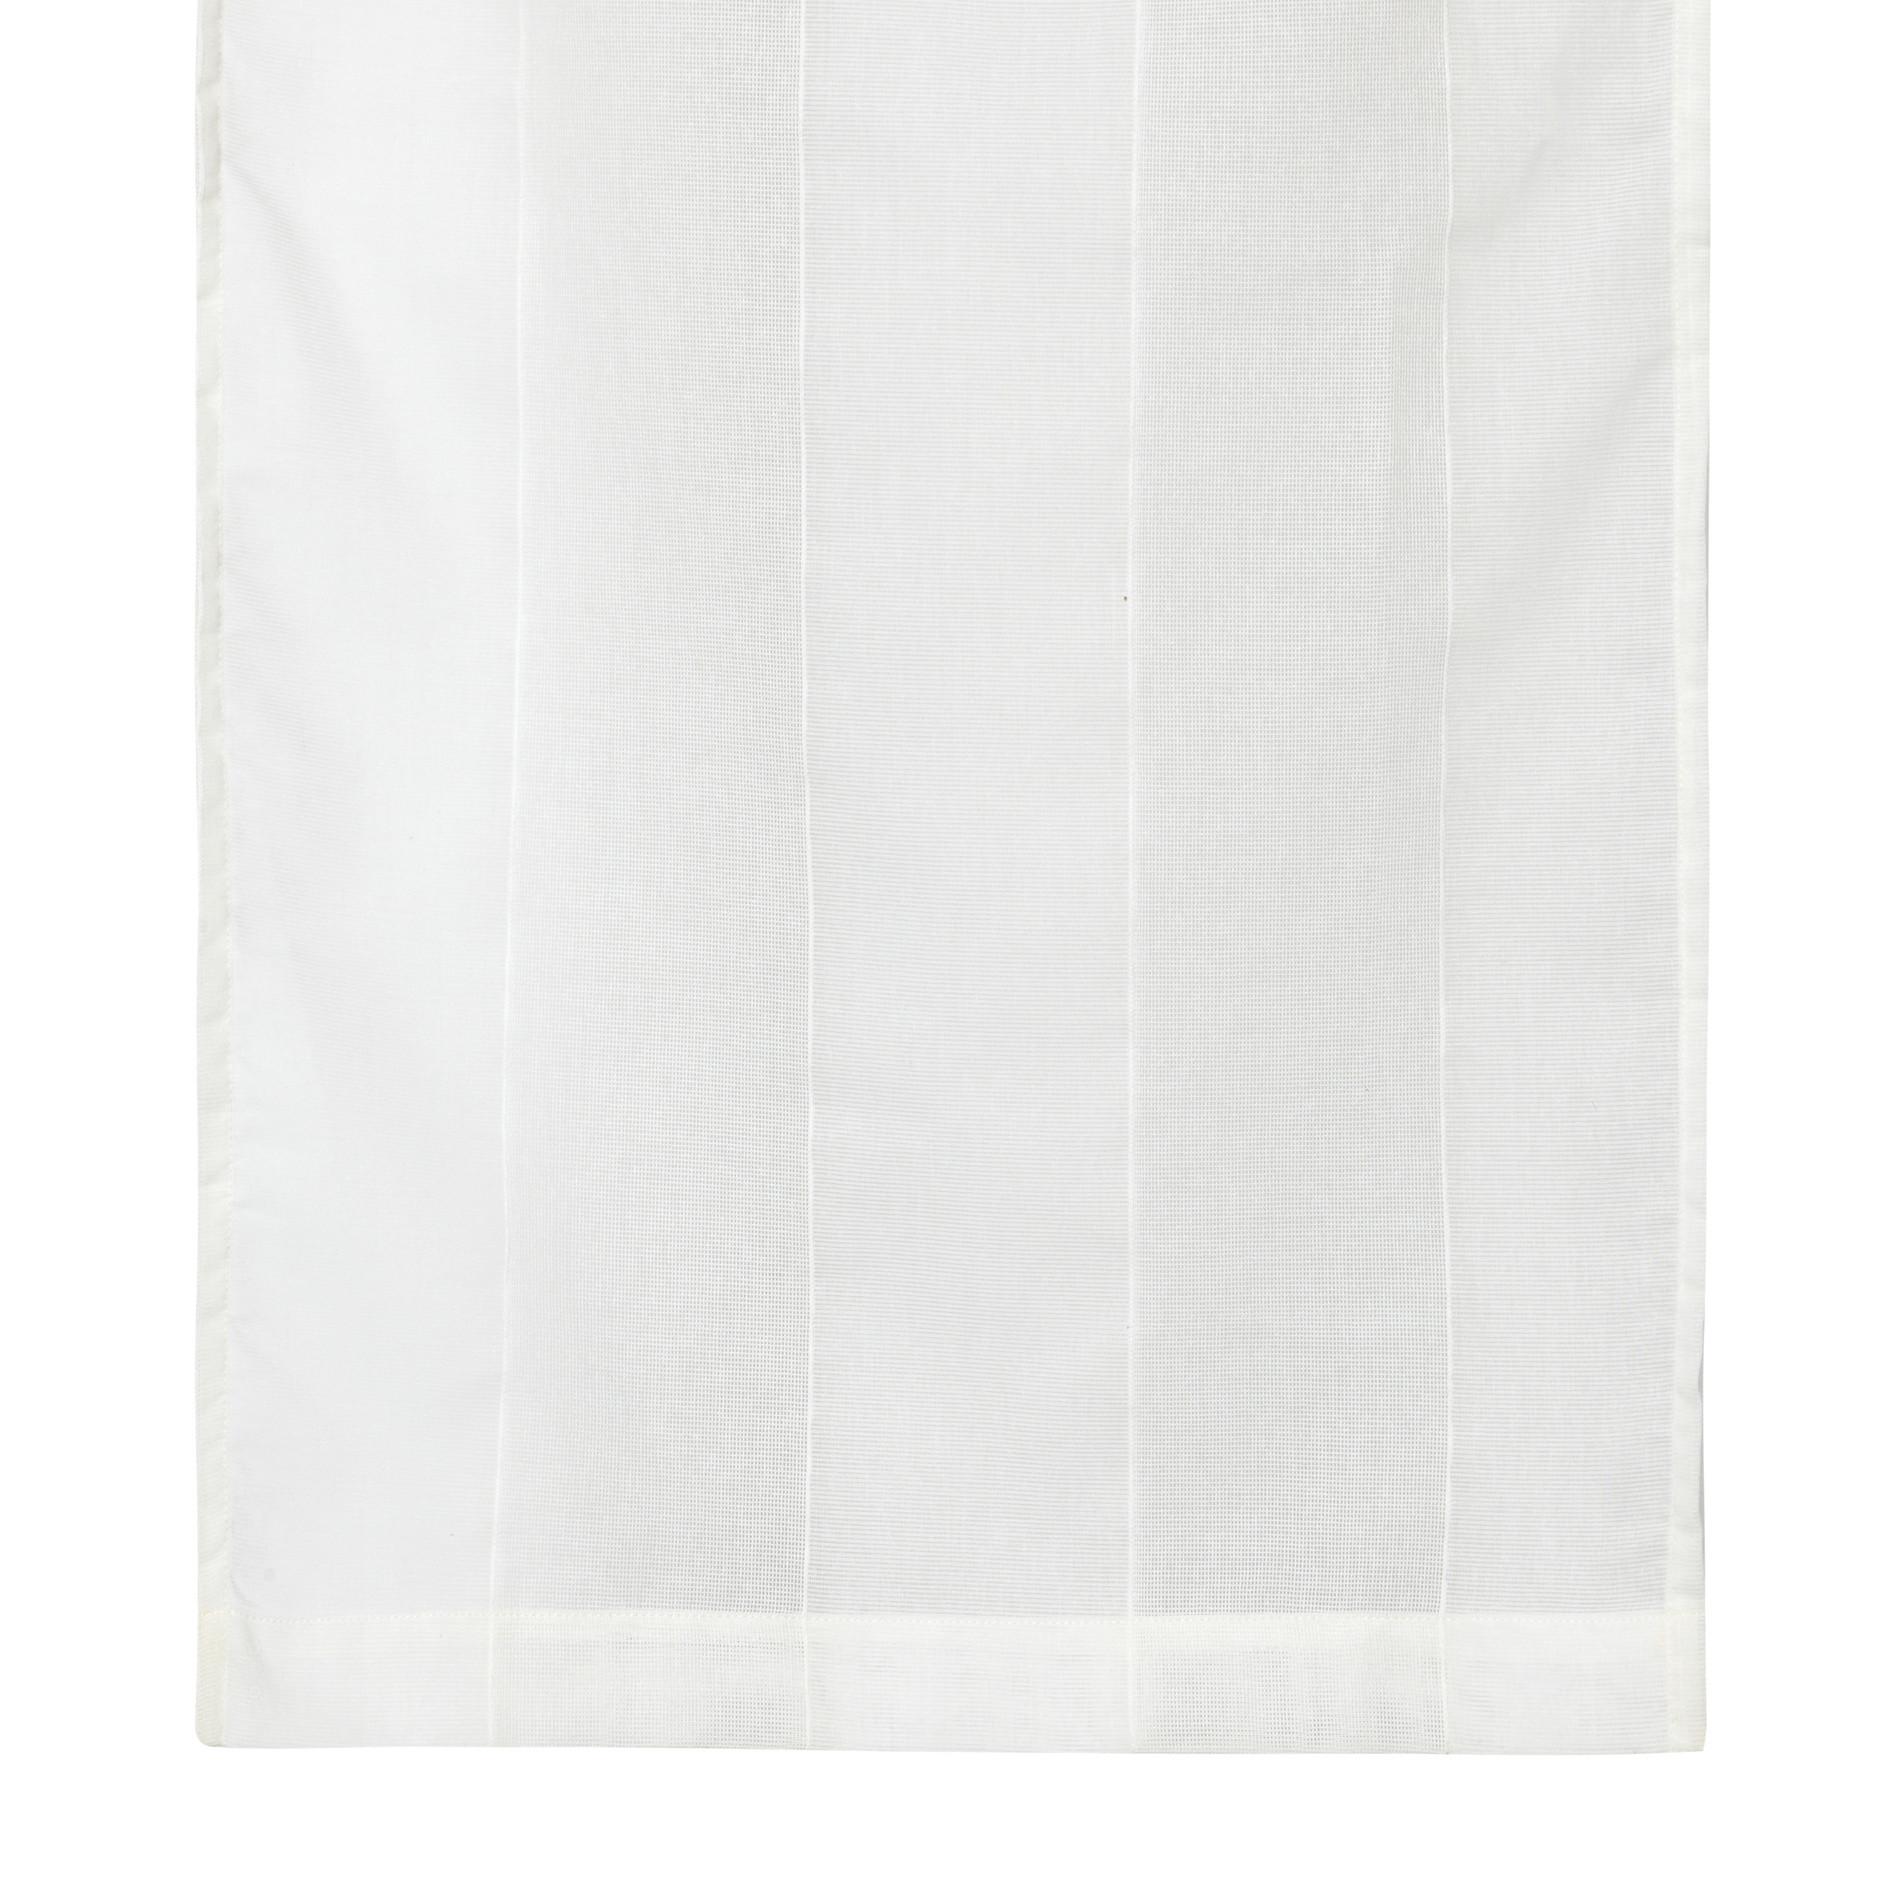 Tendina strisce verticali, Bianco, large image number 0